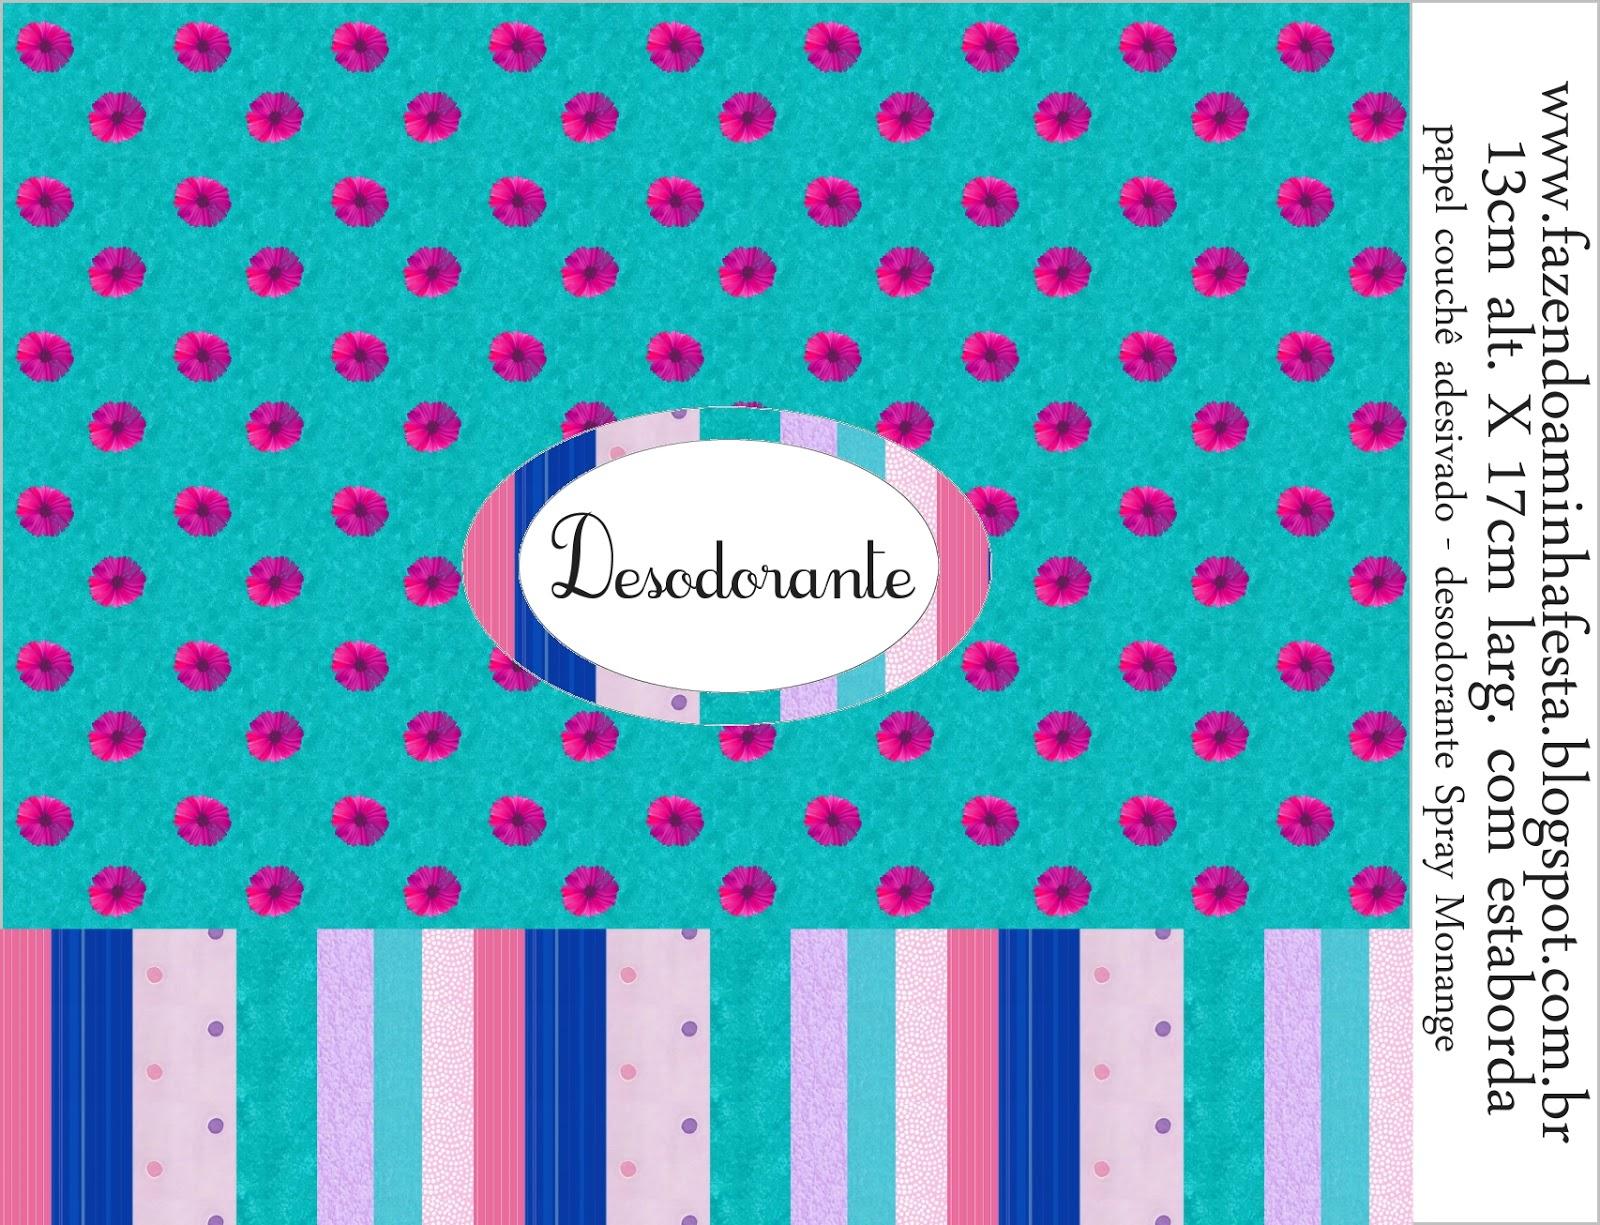 Kit Toillet – Banheiro Azul Rosa e Lilás #083AA3 1600x1225 Banheiro Azul E Rosa